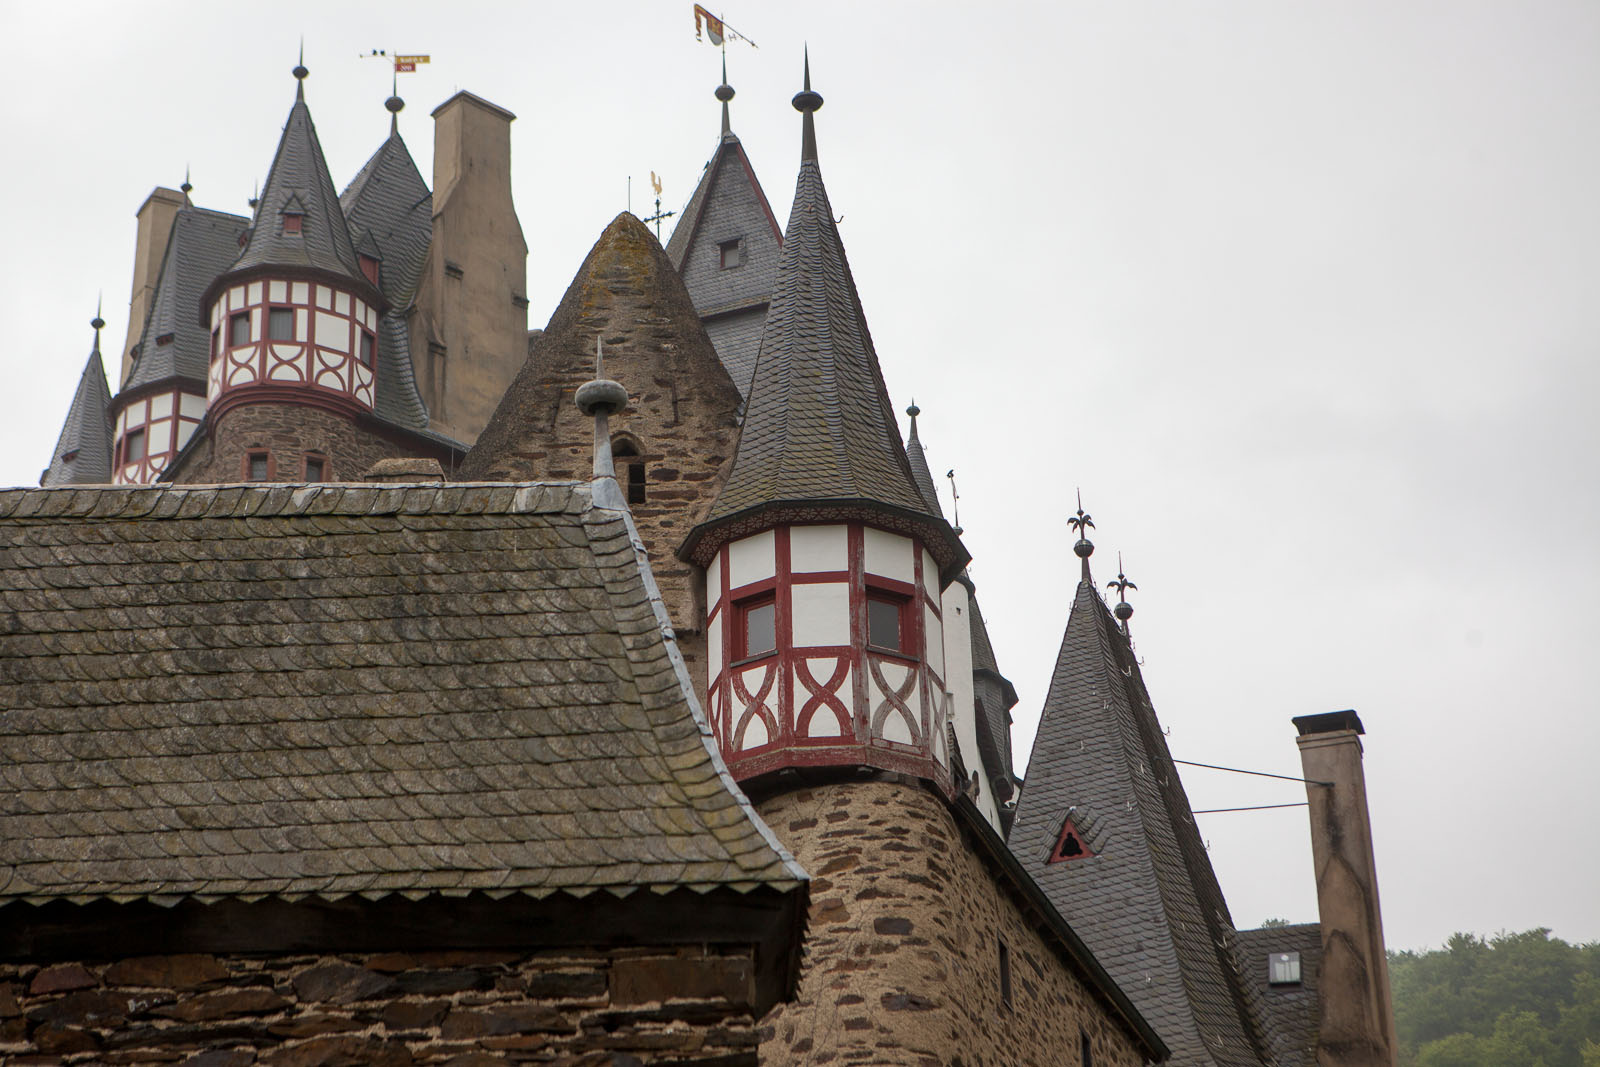 2014-05-02_10-27-55_Burg Eltz__MG_2642-1600